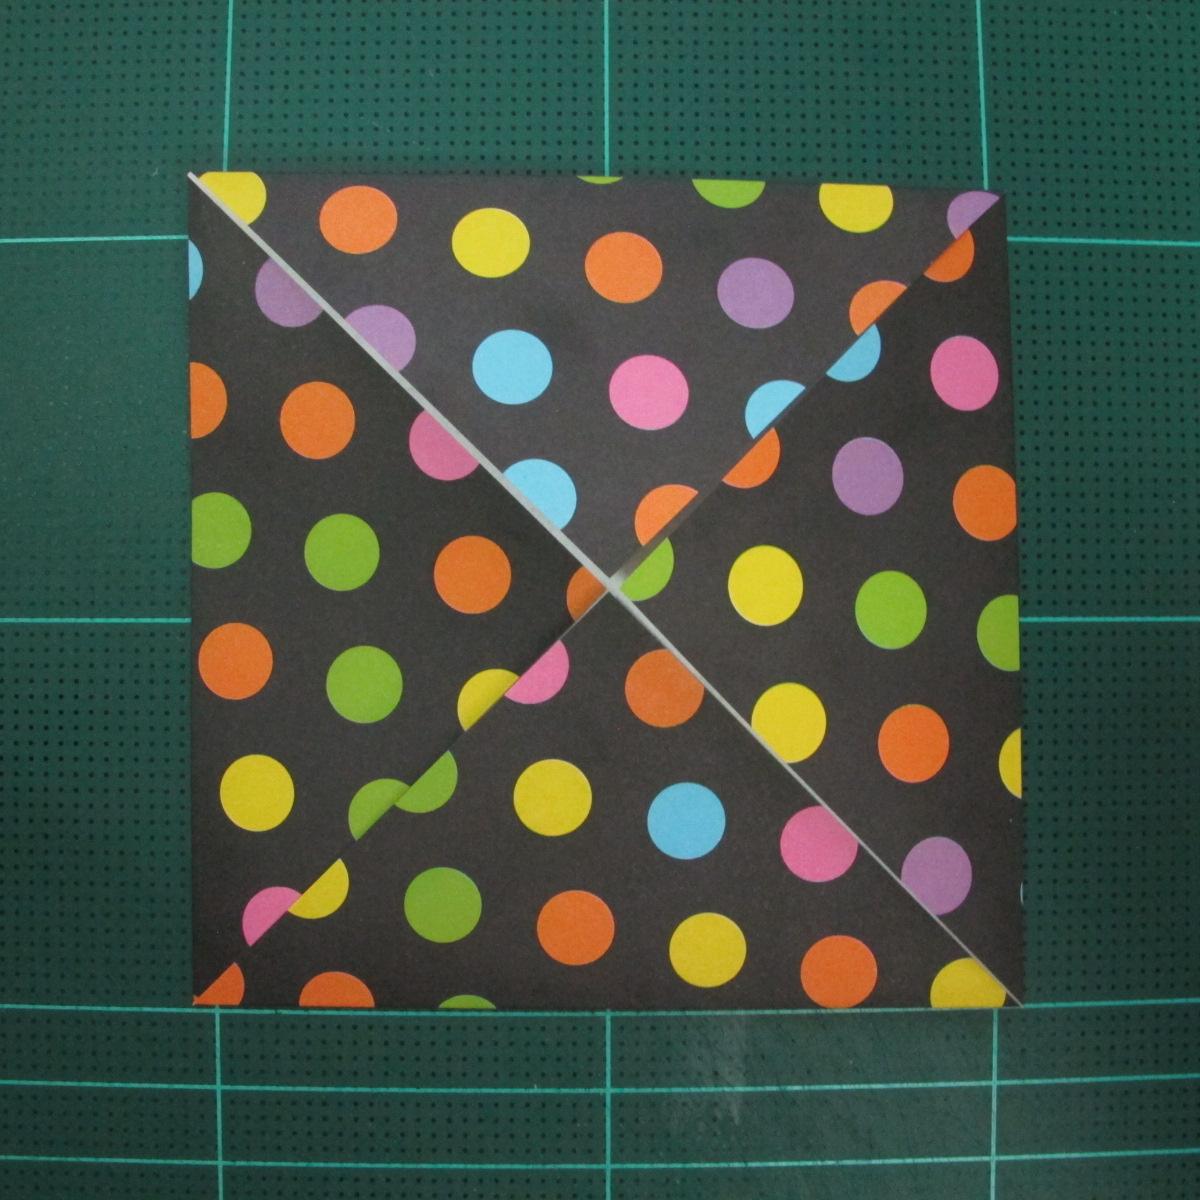 การพับกระดาษเป็นถุงใส่ขนมแบบญี่ปุ่น (Origami Sambo) 001